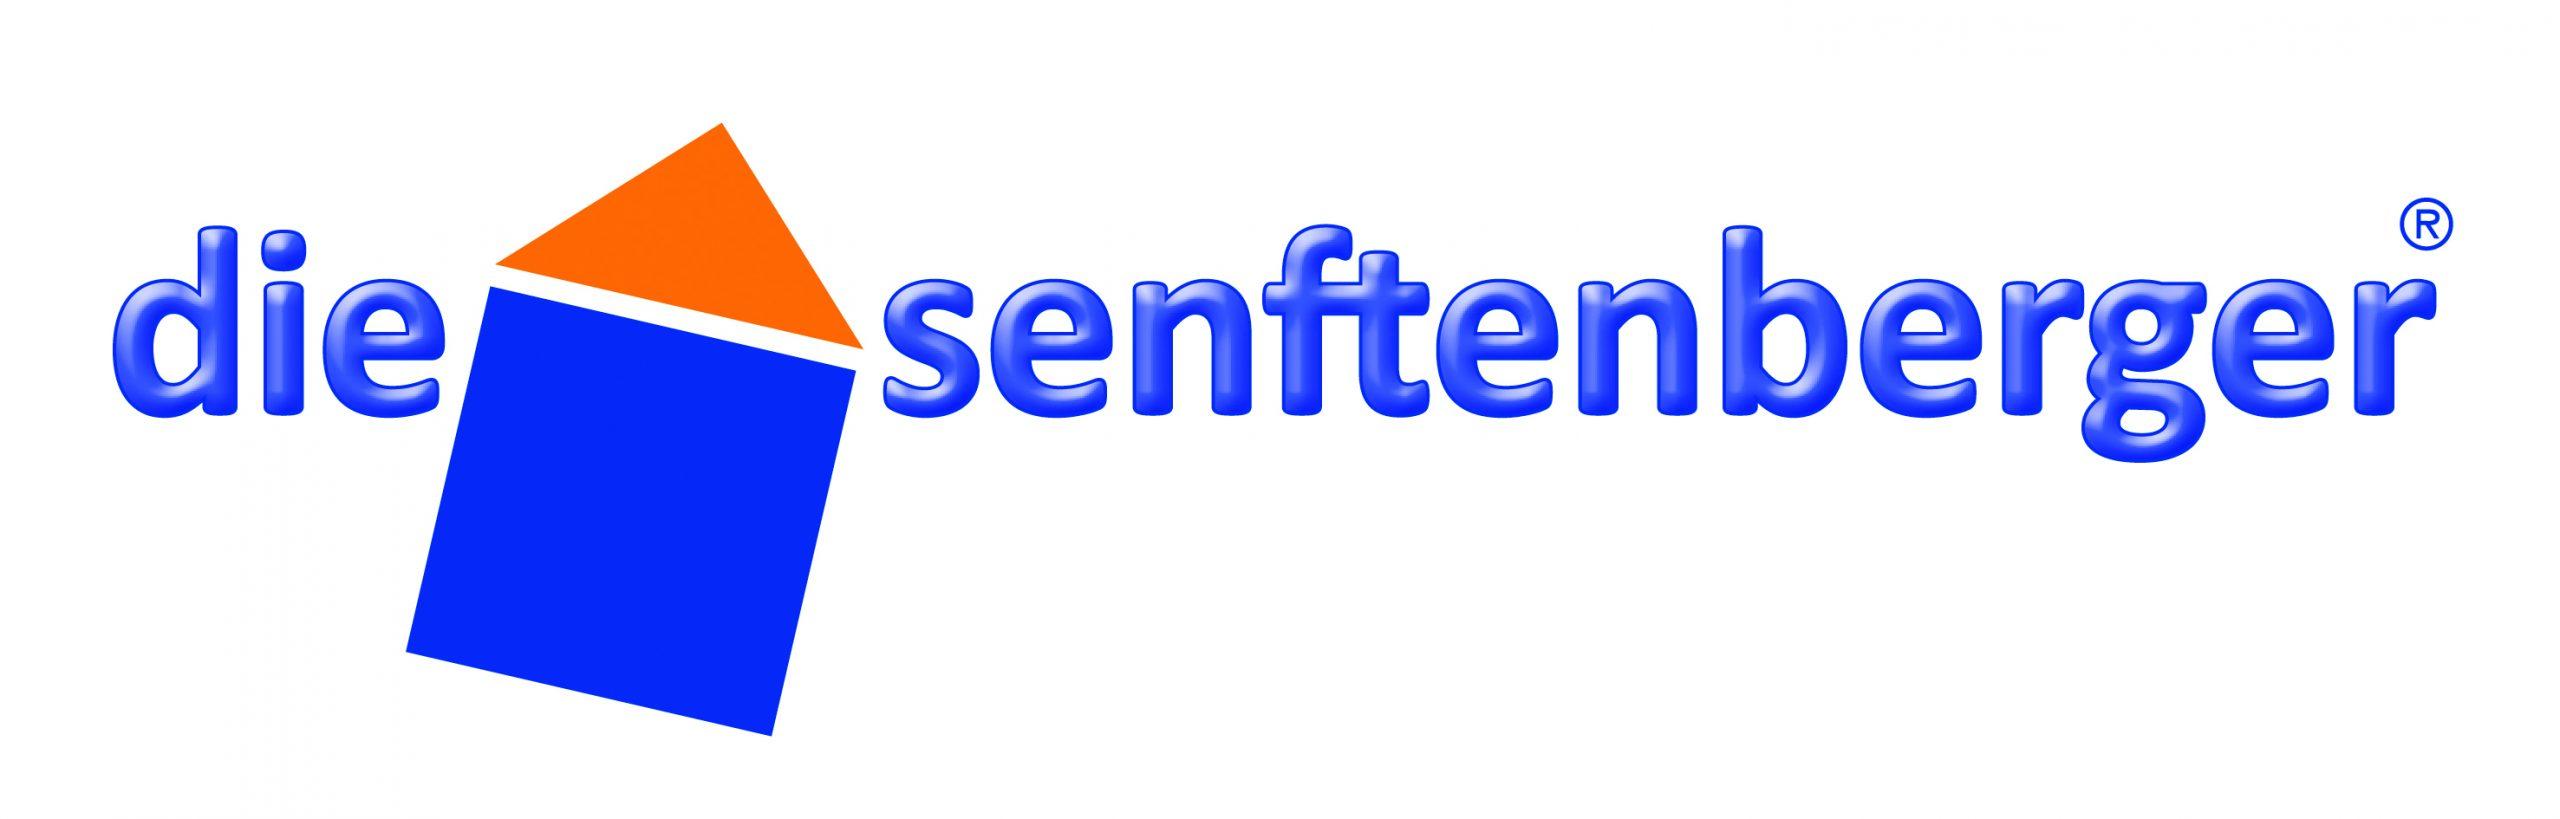 Wohnungsbaugenossenschaft Senftenberg e.G. – die senftenberger